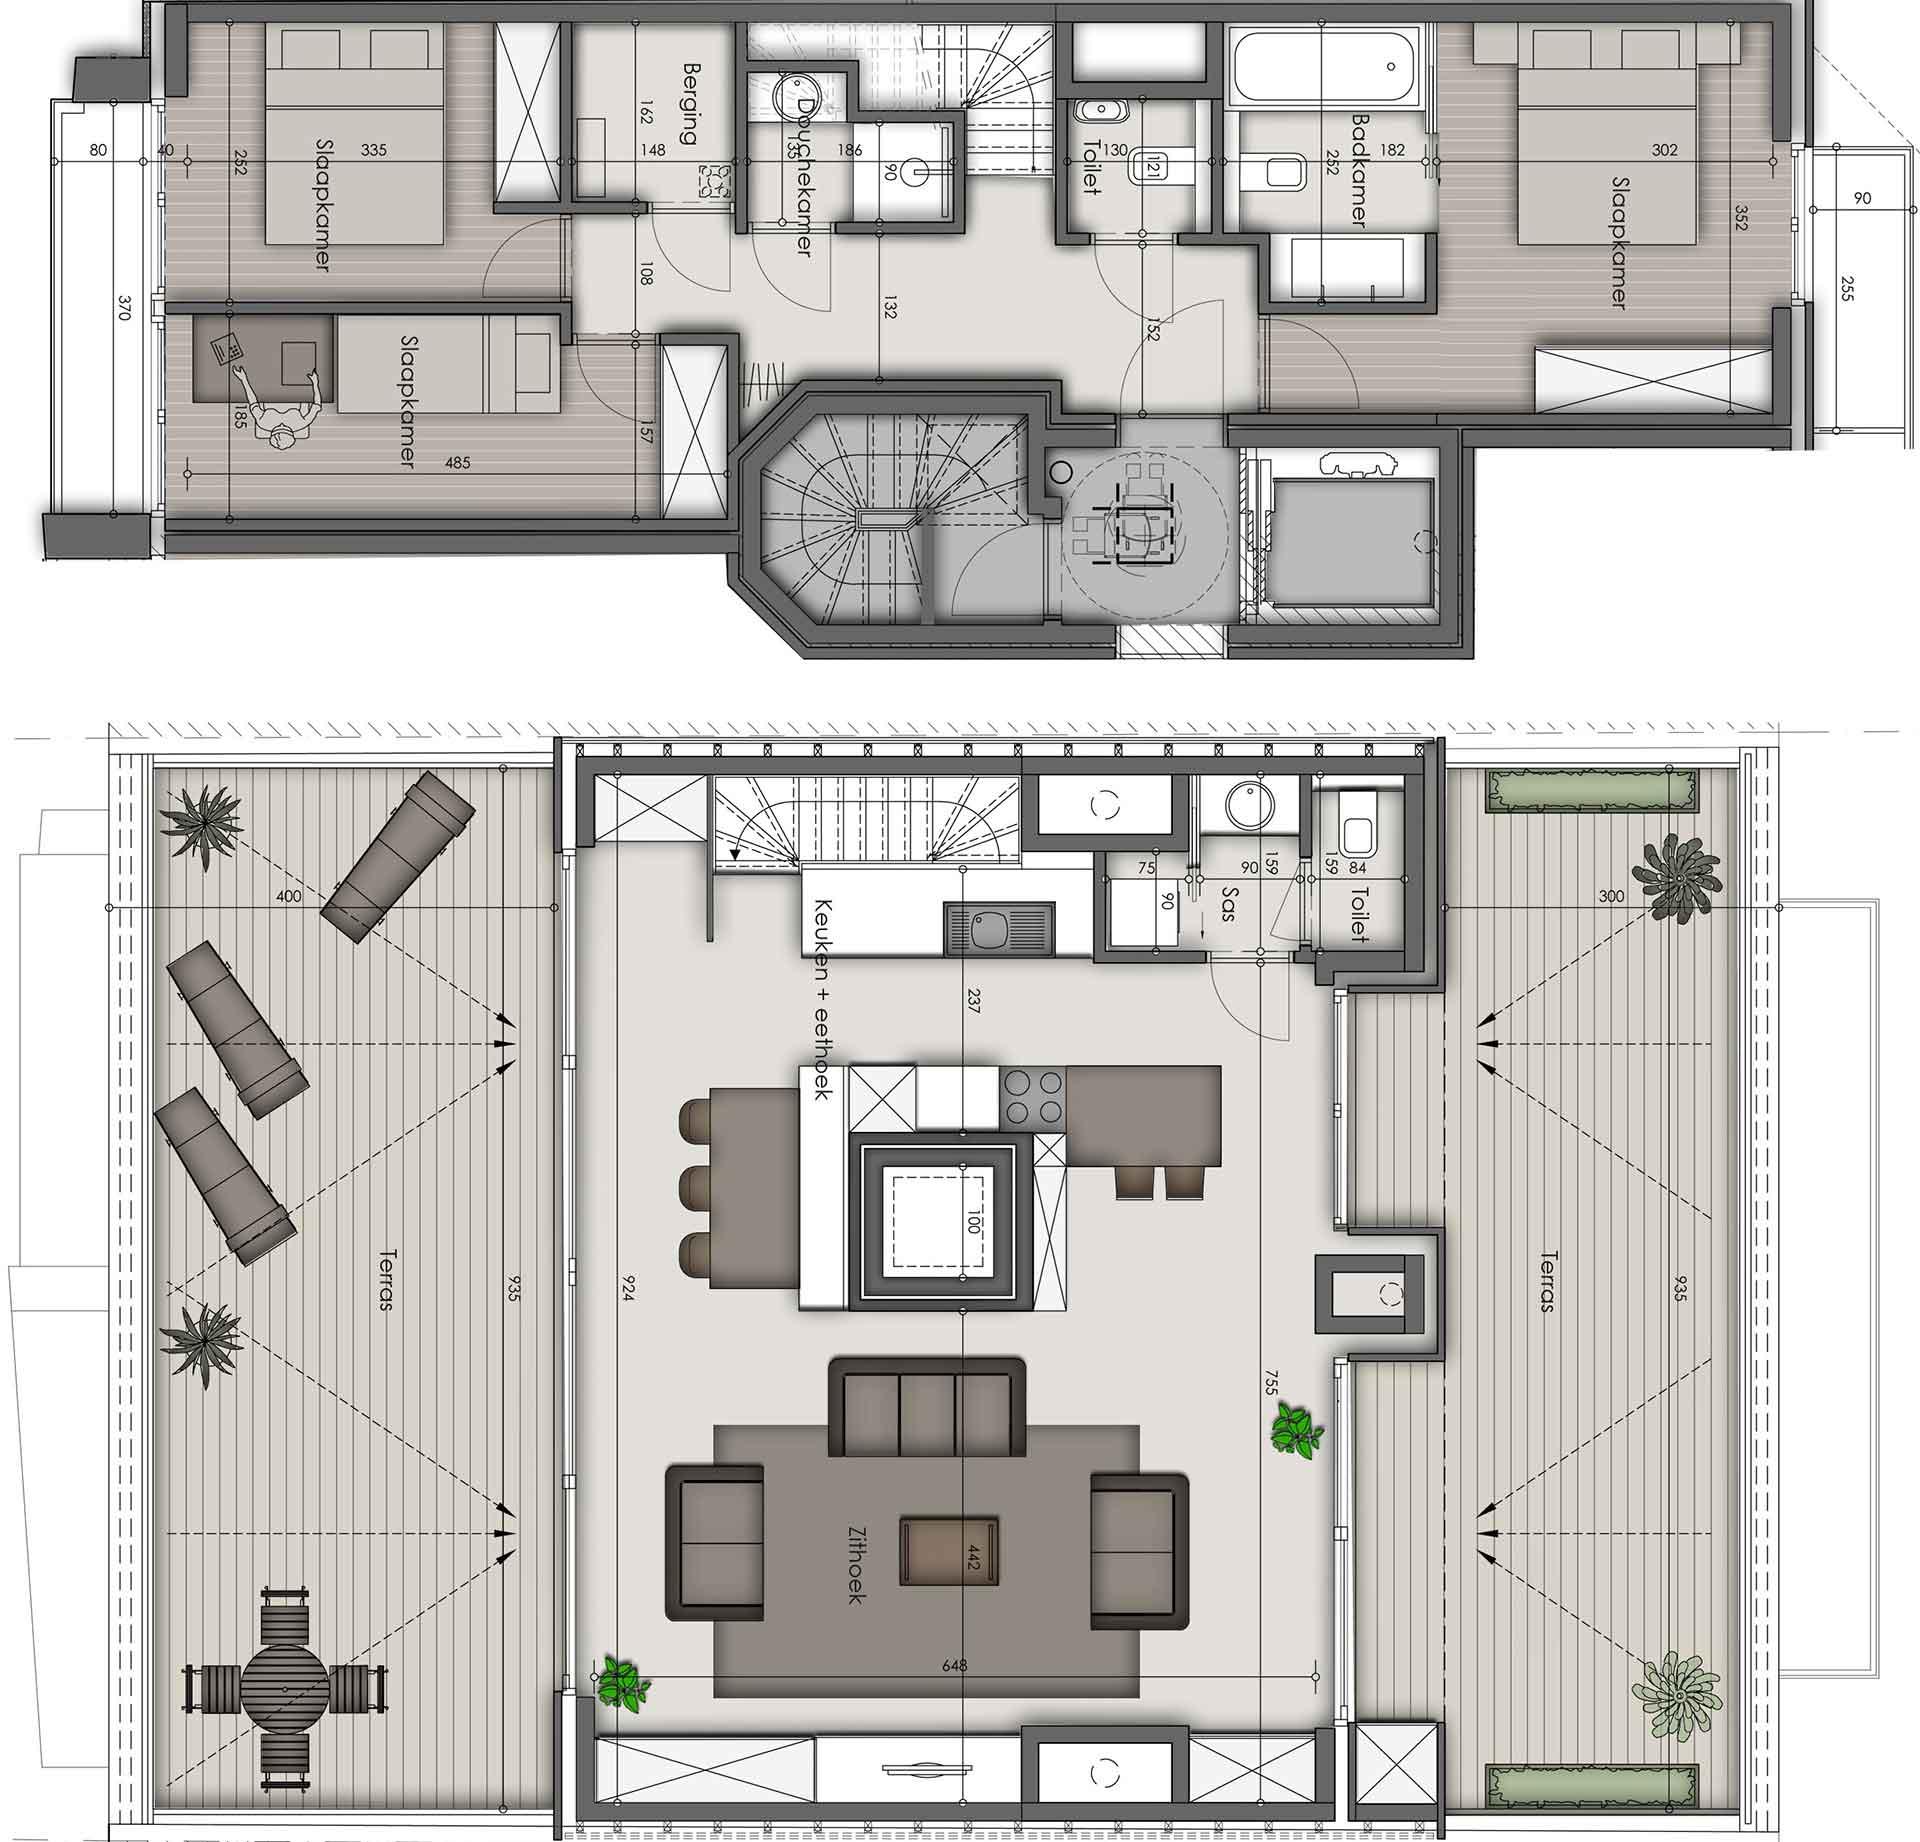 Residentie <br/> Zilverzand - image appartement-te-koop-zilverzand-koksijde-06.01 on https://hoprom.be